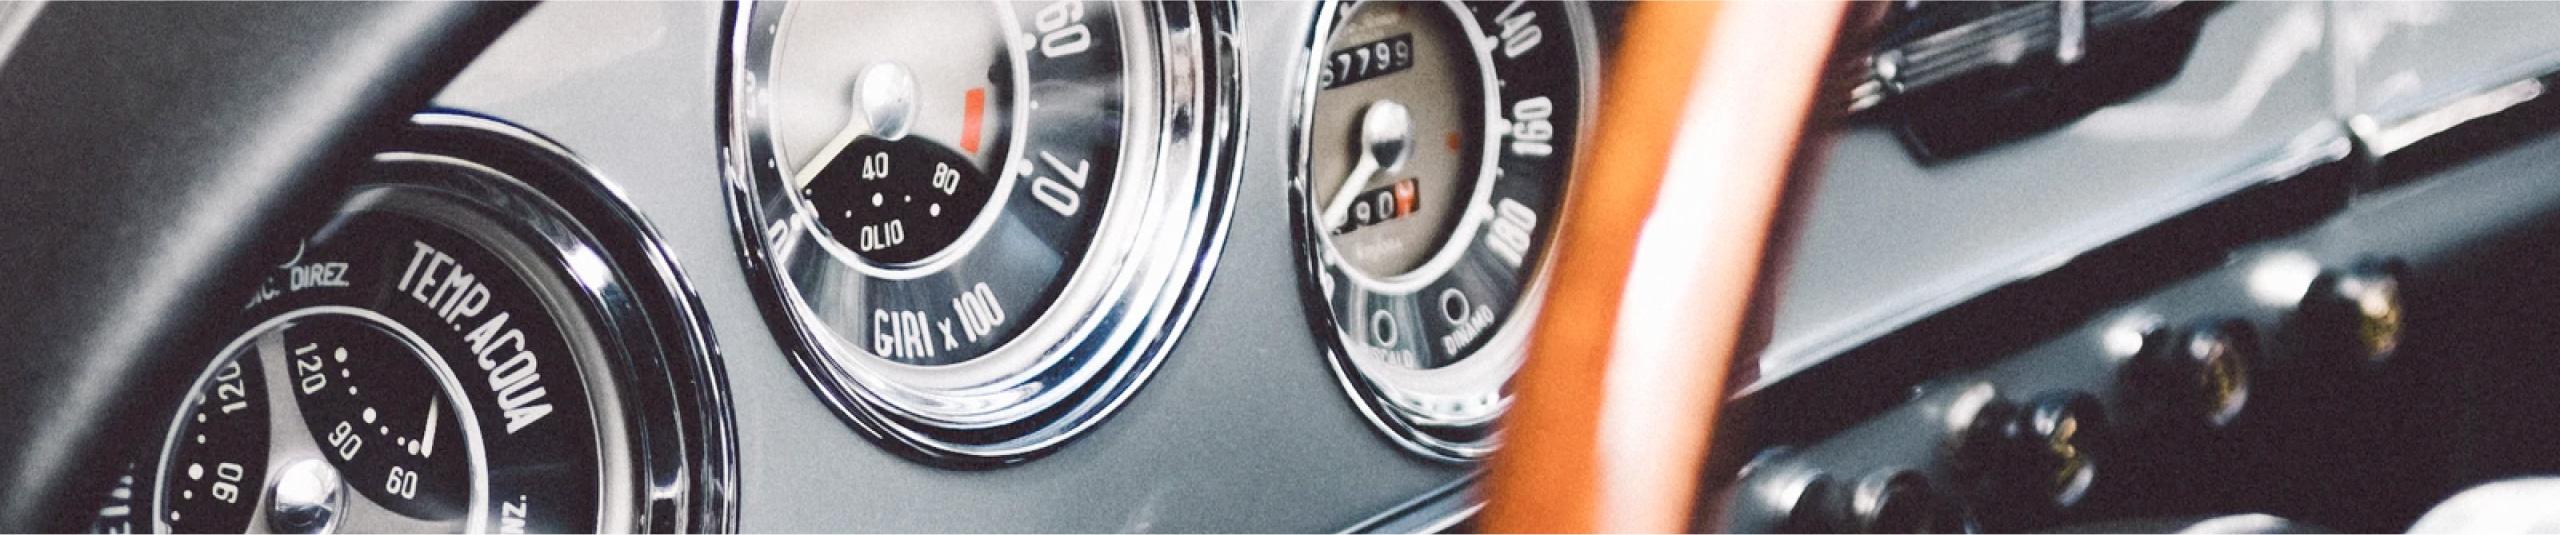 seguro viaturas clássicas: saiba como proteger o seu carro de estimação